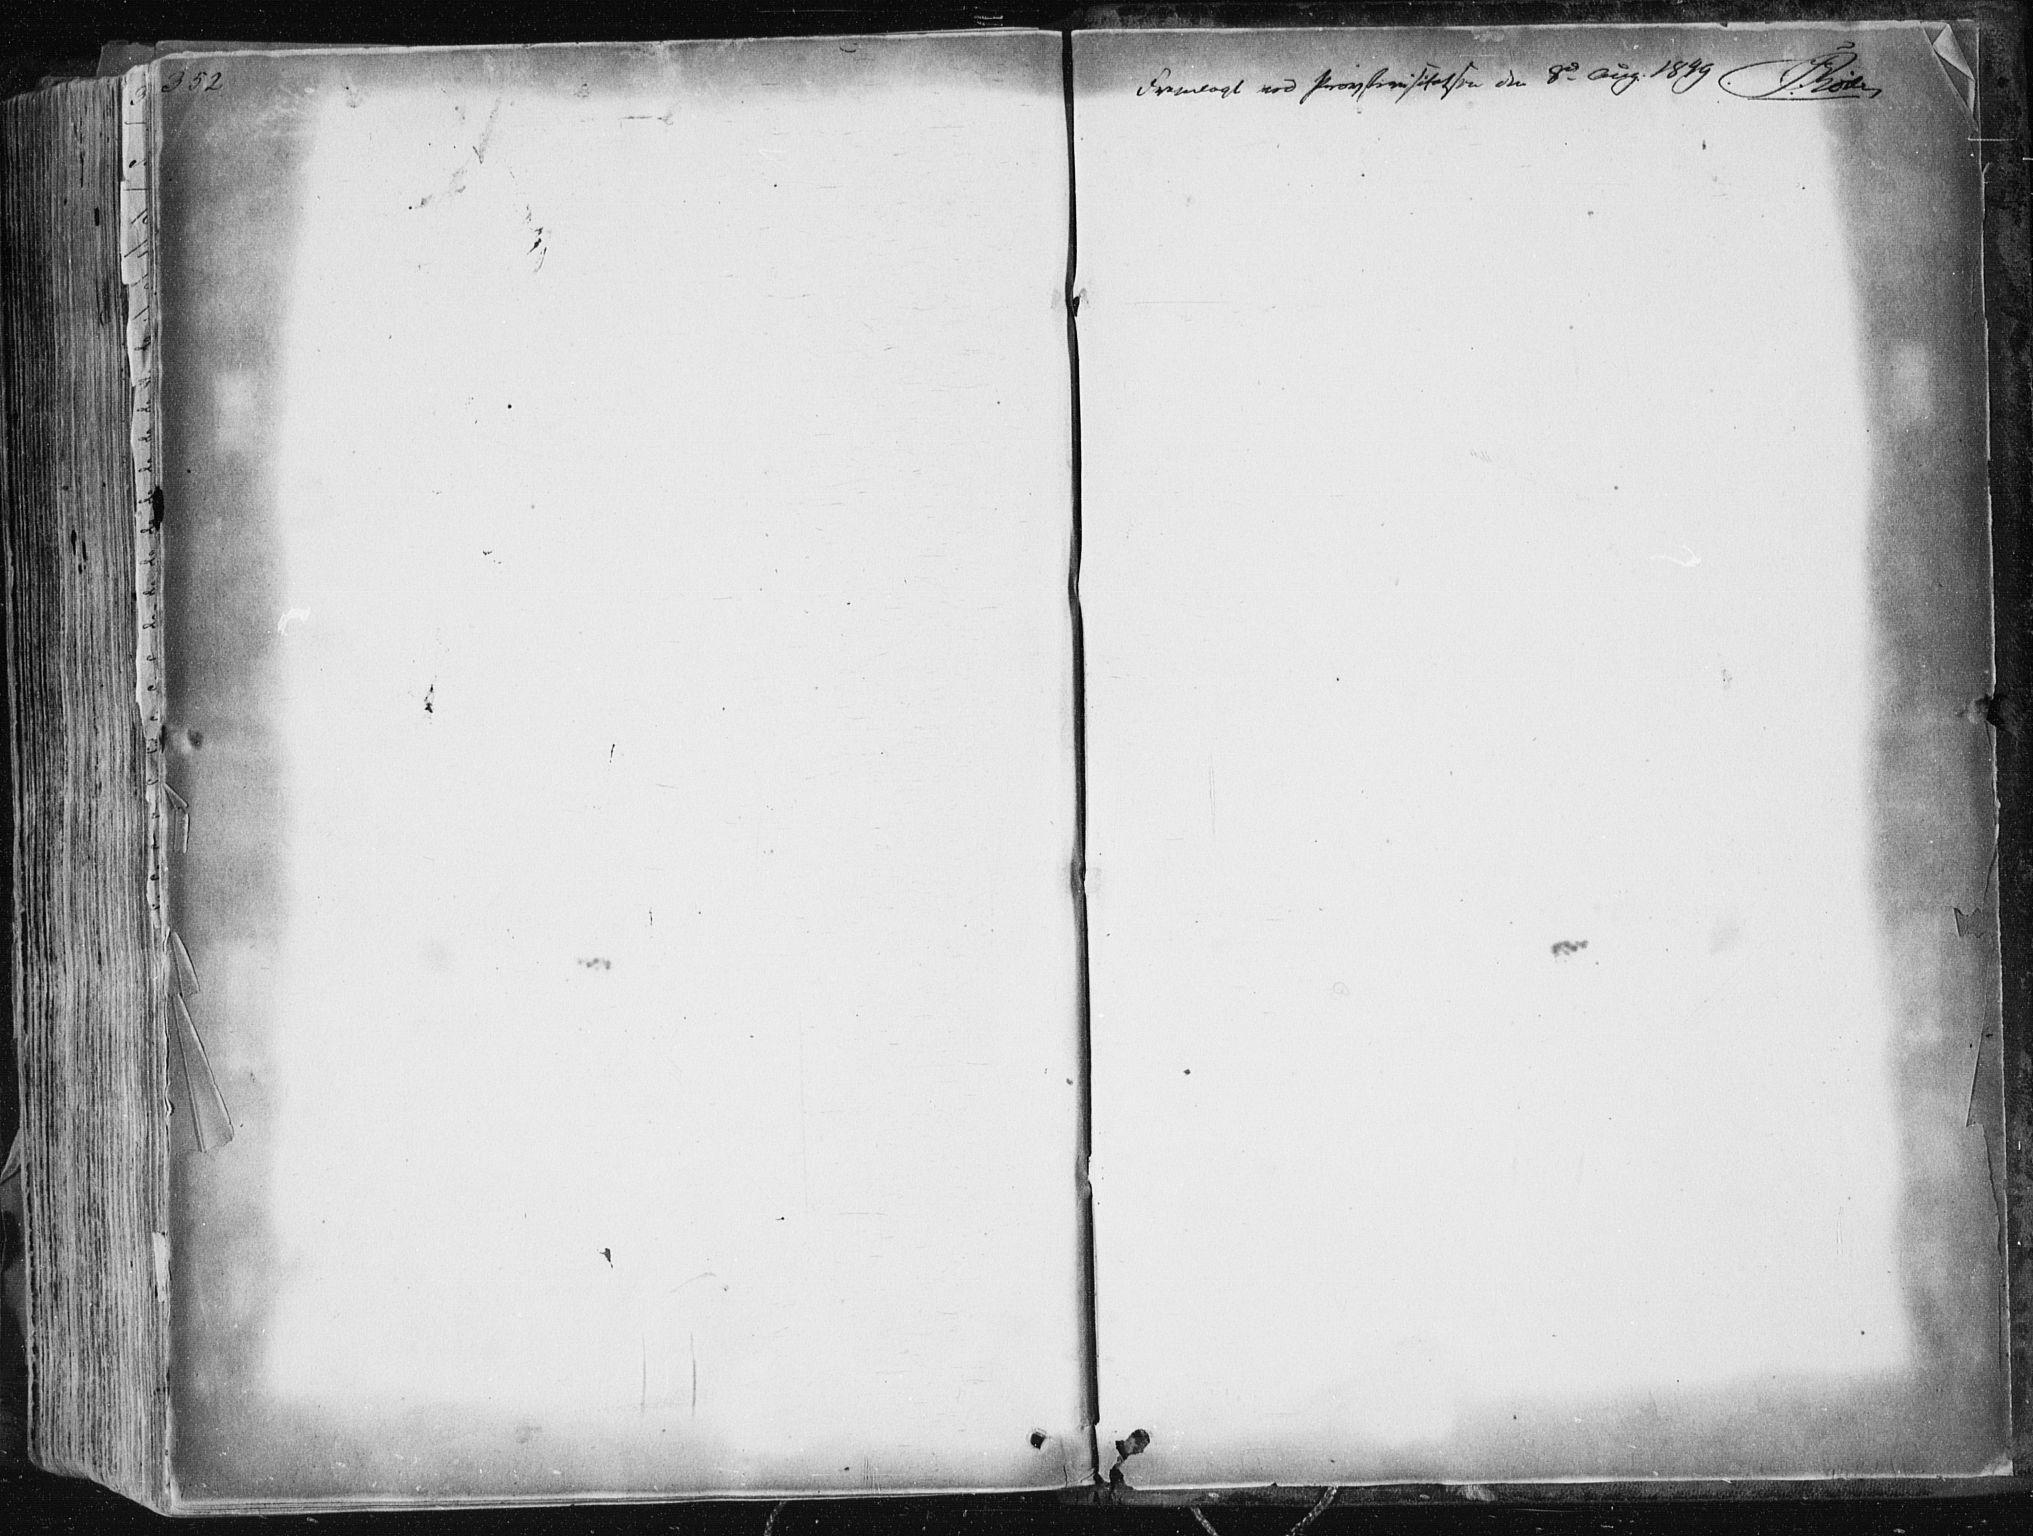 SAKO, Sannidal kirkebøker, F/Fa/L0007: Ministerialbok nr. 7, 1831-1854, s. 352